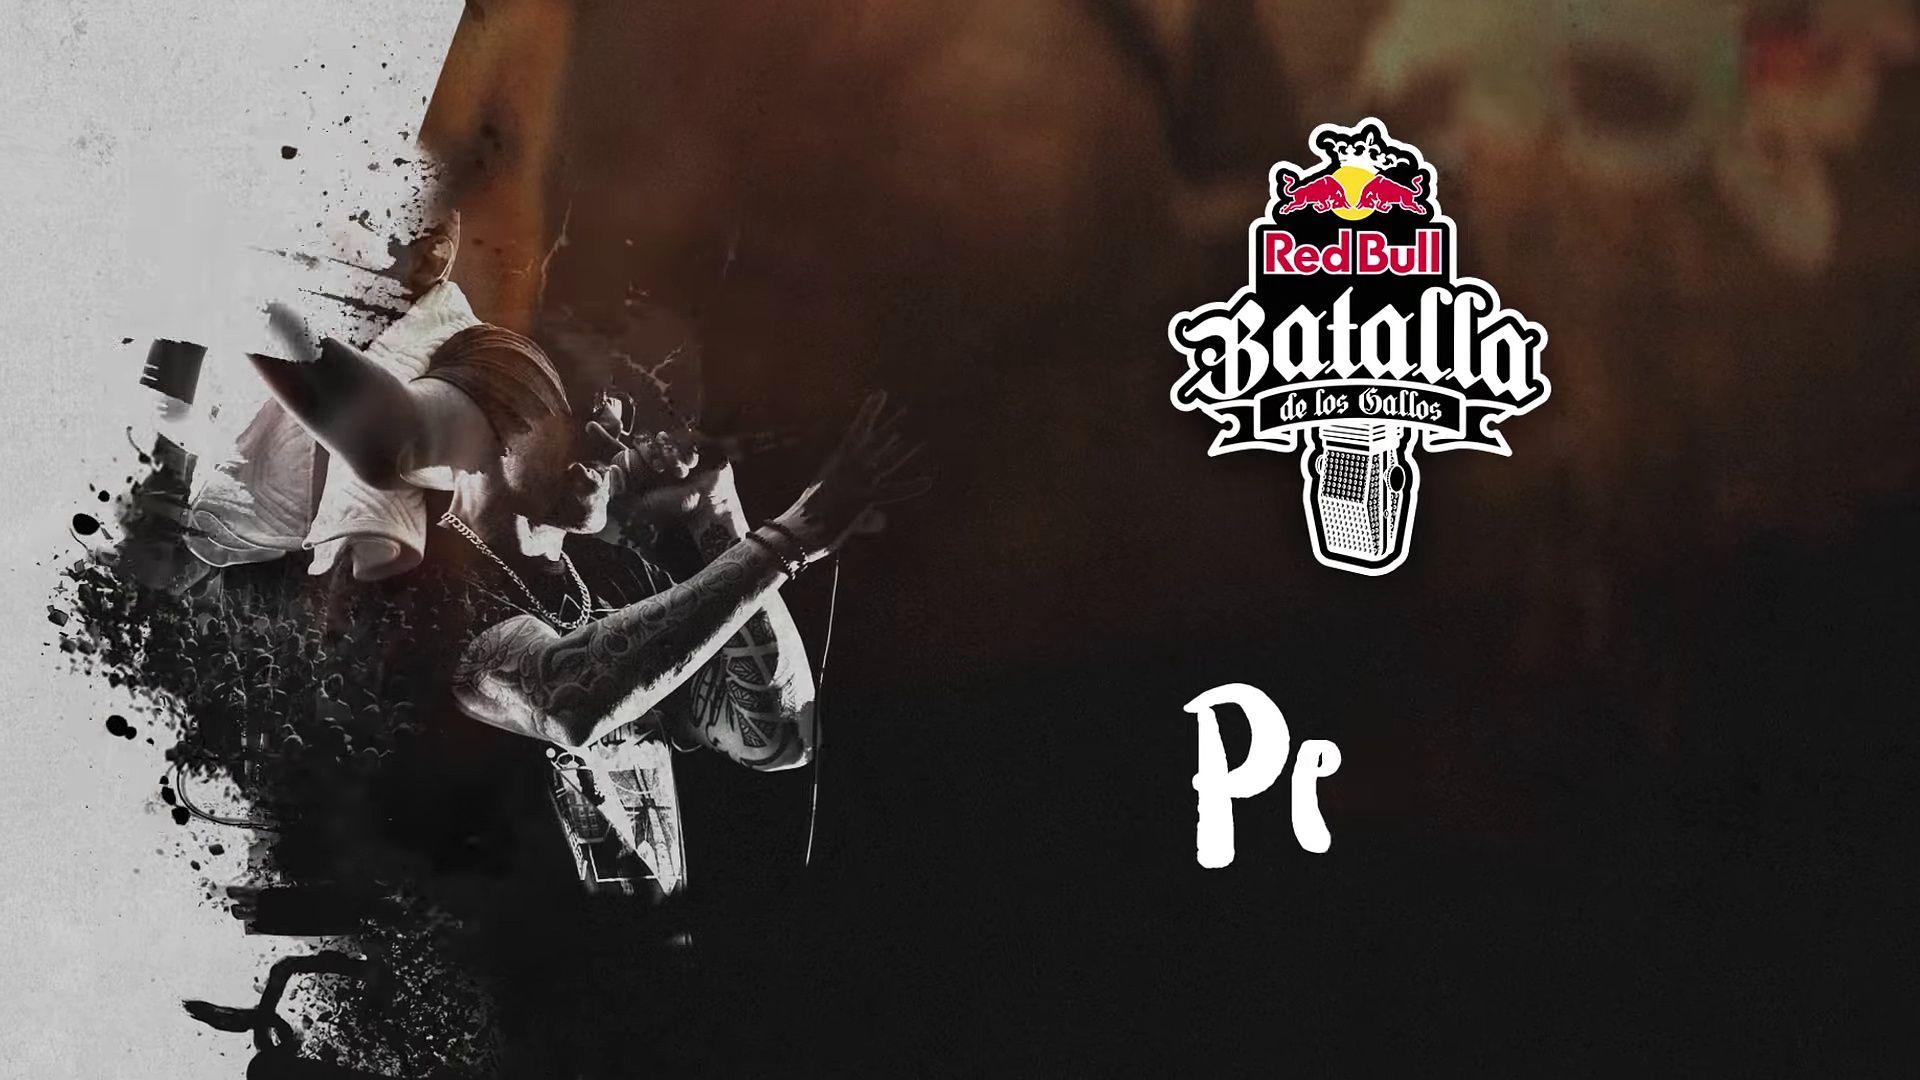 Papo vs Lancer Lirica (Octavos) – Red Bull Batalla de los Gallos 2016 Perú. Final Internacional -  Papo vs Lancer Lirica (Octavos) – Red Bull Batalla de los Gallos 2016 Perú. Final Internacional - http://batallasderap.net/papo-vs-lancer-lirica-octavos-red-bull-batalla-de-los-gallos-2016-peru-final-internacional/  #rap #hiphop #freestyle